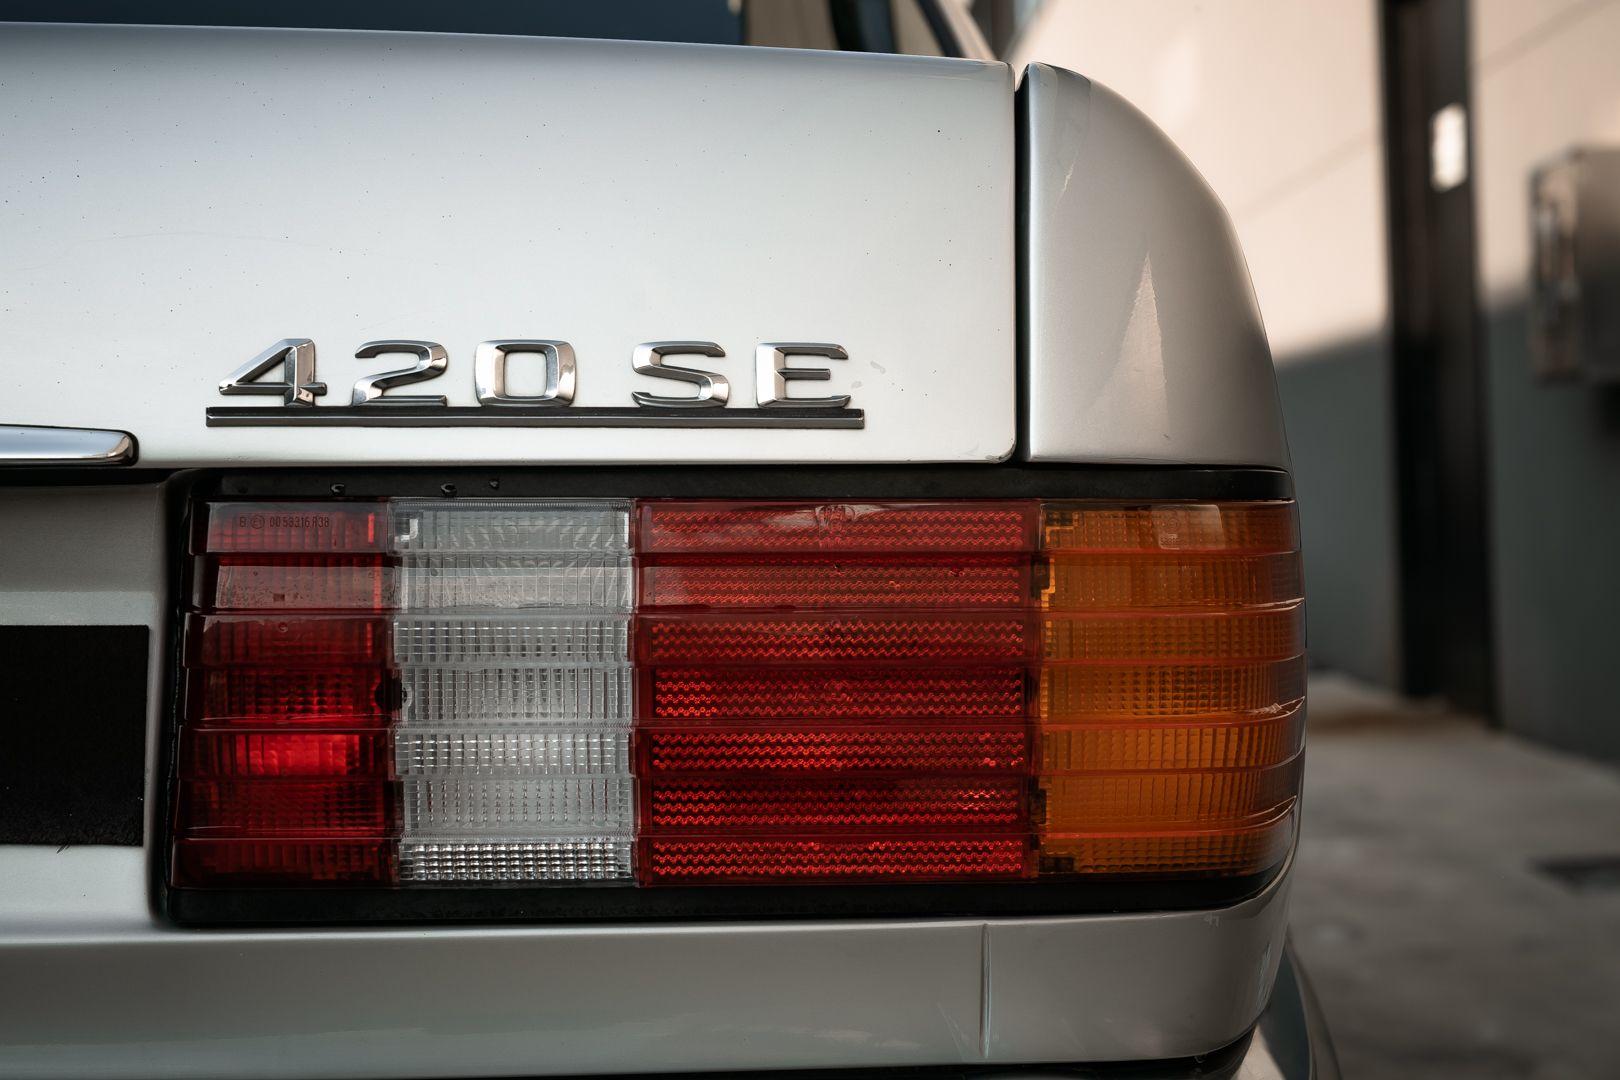 1987 Mercedes-Benz 420 SE 68429